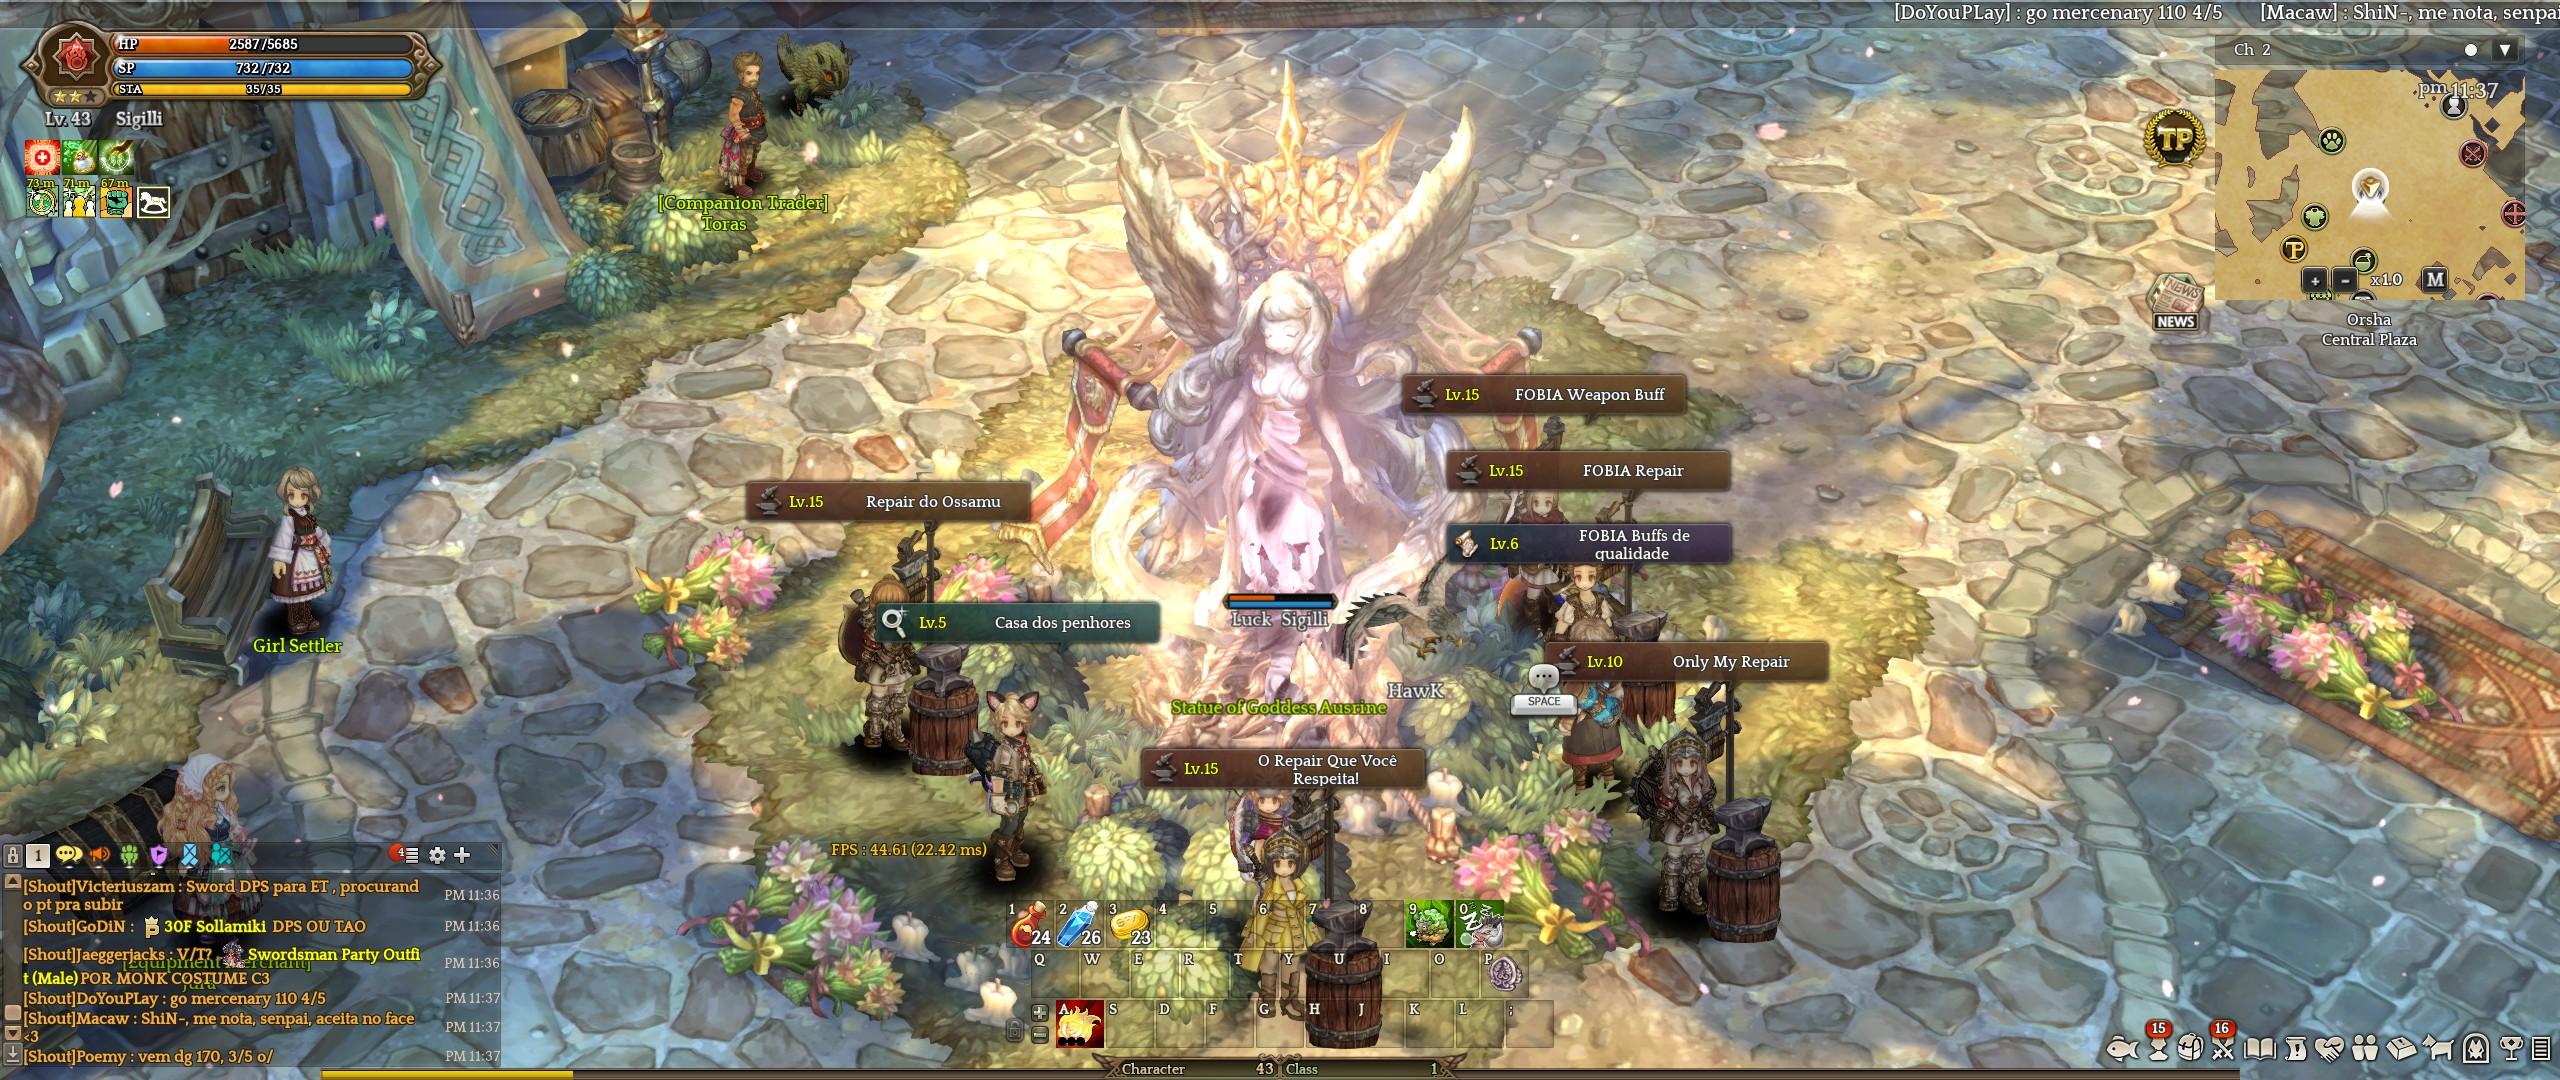 Steam community guide guia para novatos leveling vamos a orsha a segunda cidade do jogo para chegarmos l temos duas opes 1 caminhar por horas 2 comprar um scroll na vendedora de itens por 500 fandeluxe Images